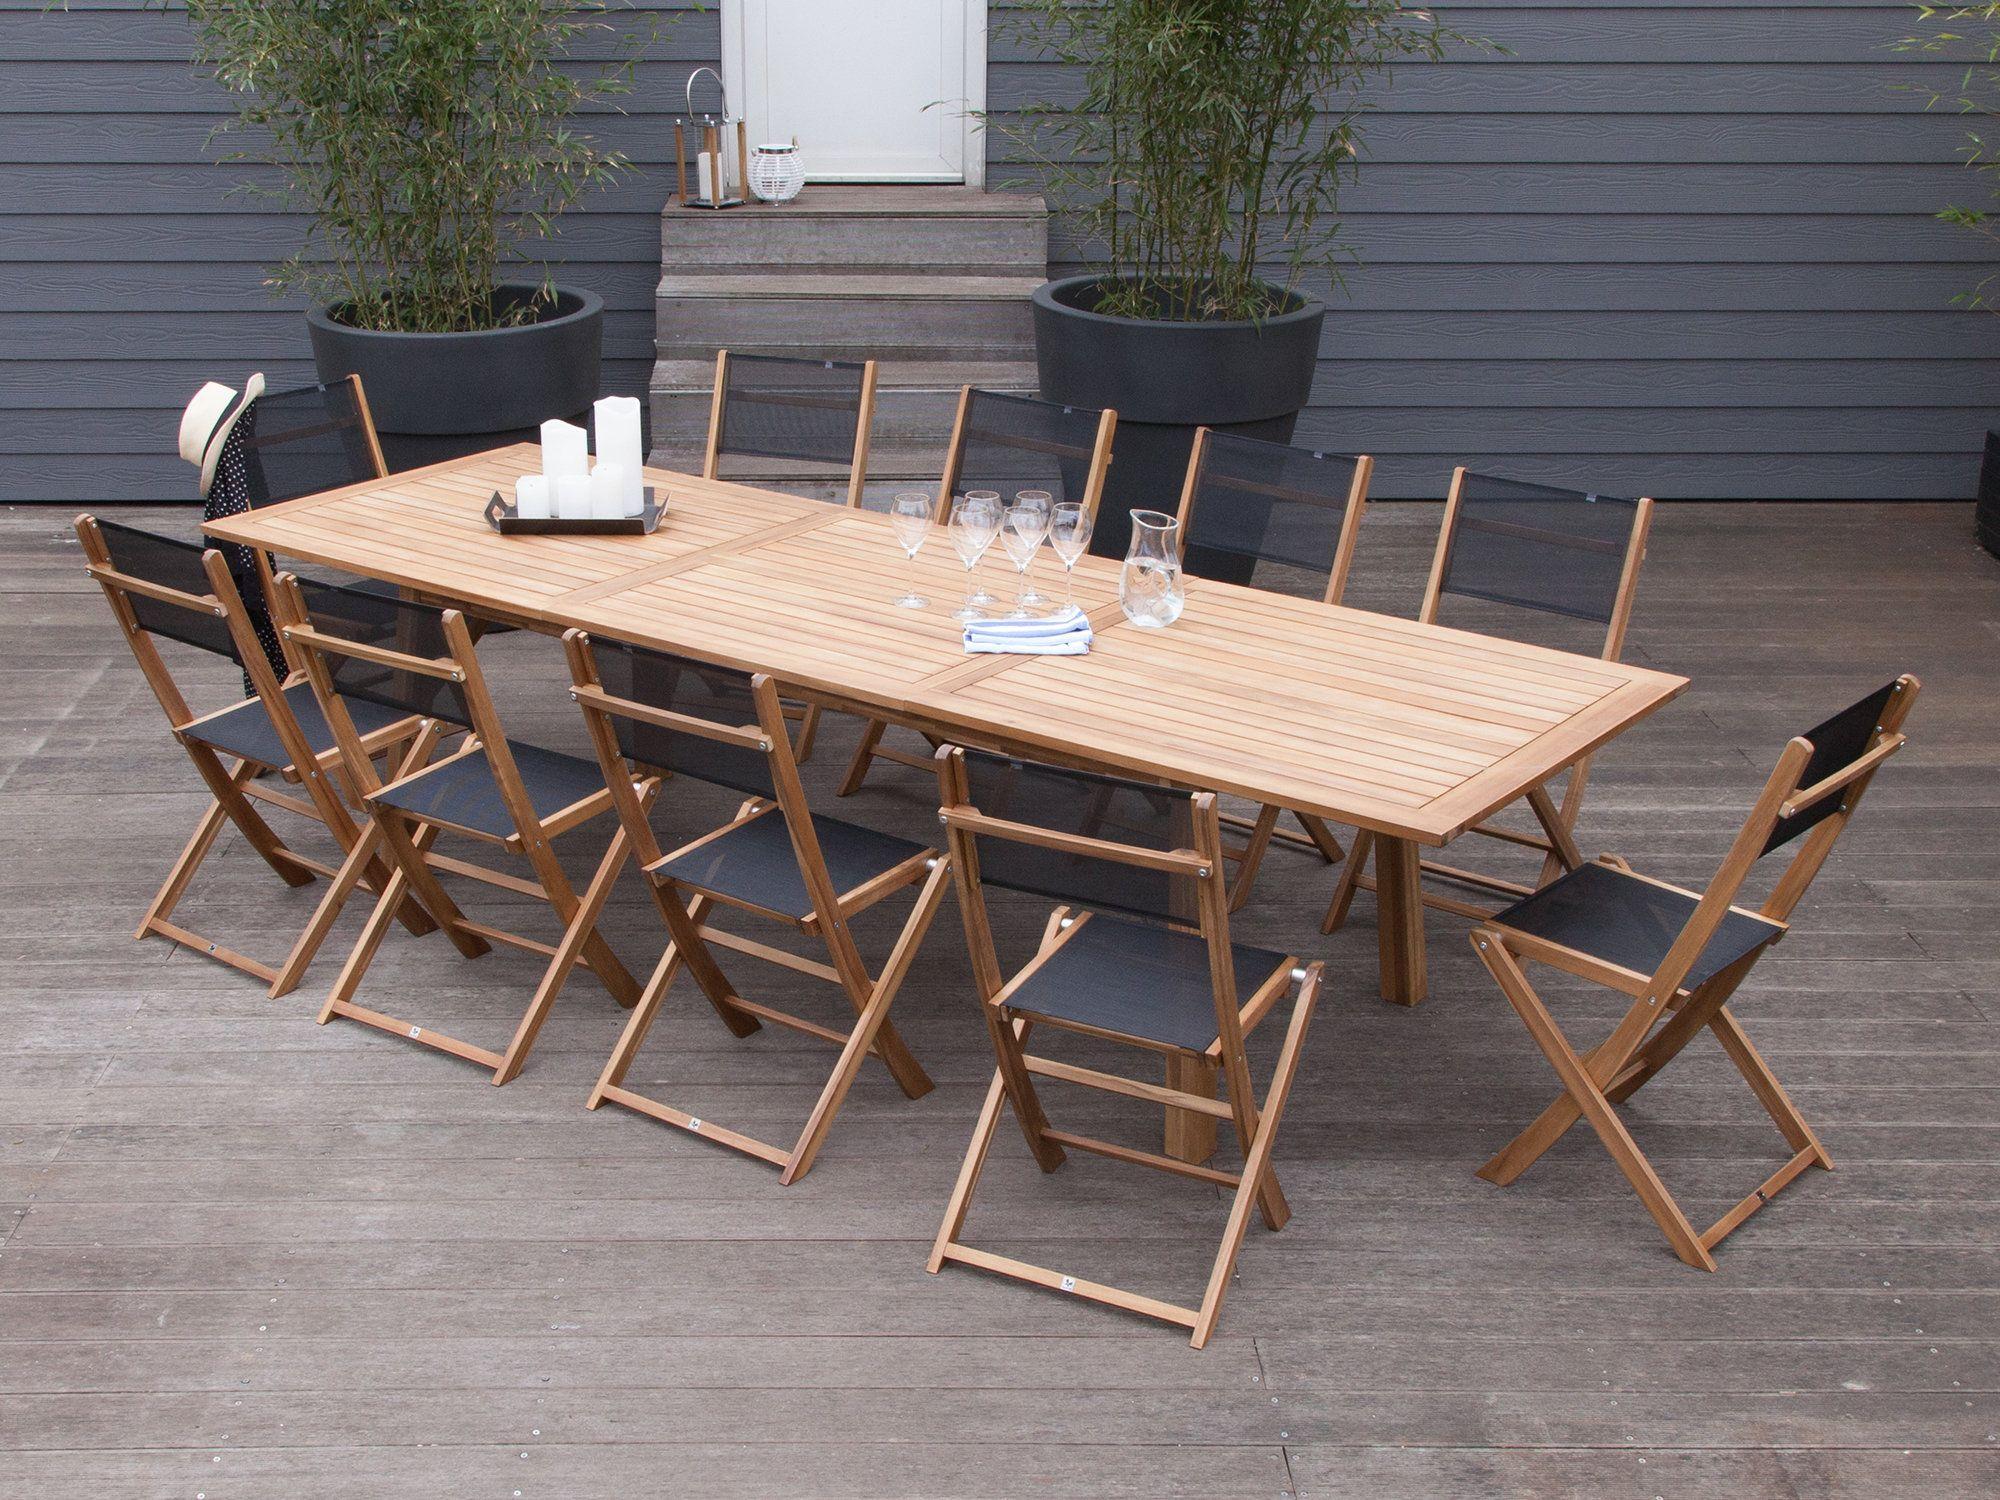 Salon de jardin 10 places 1 table extensible 210 300cm en Acacia